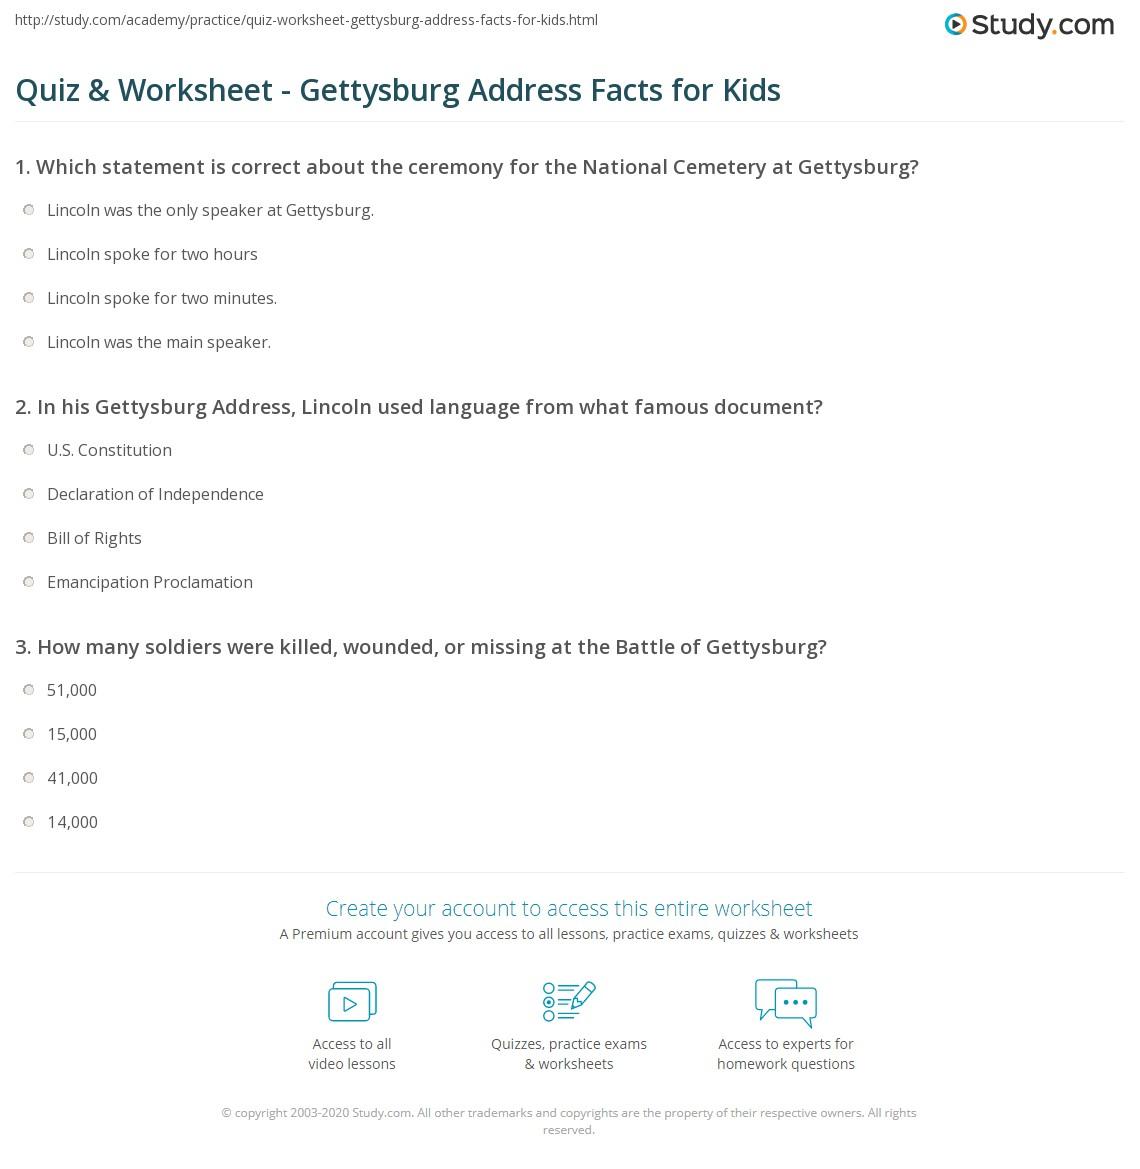 quiz worksheet gettysburg address facts for kids. Black Bedroom Furniture Sets. Home Design Ideas